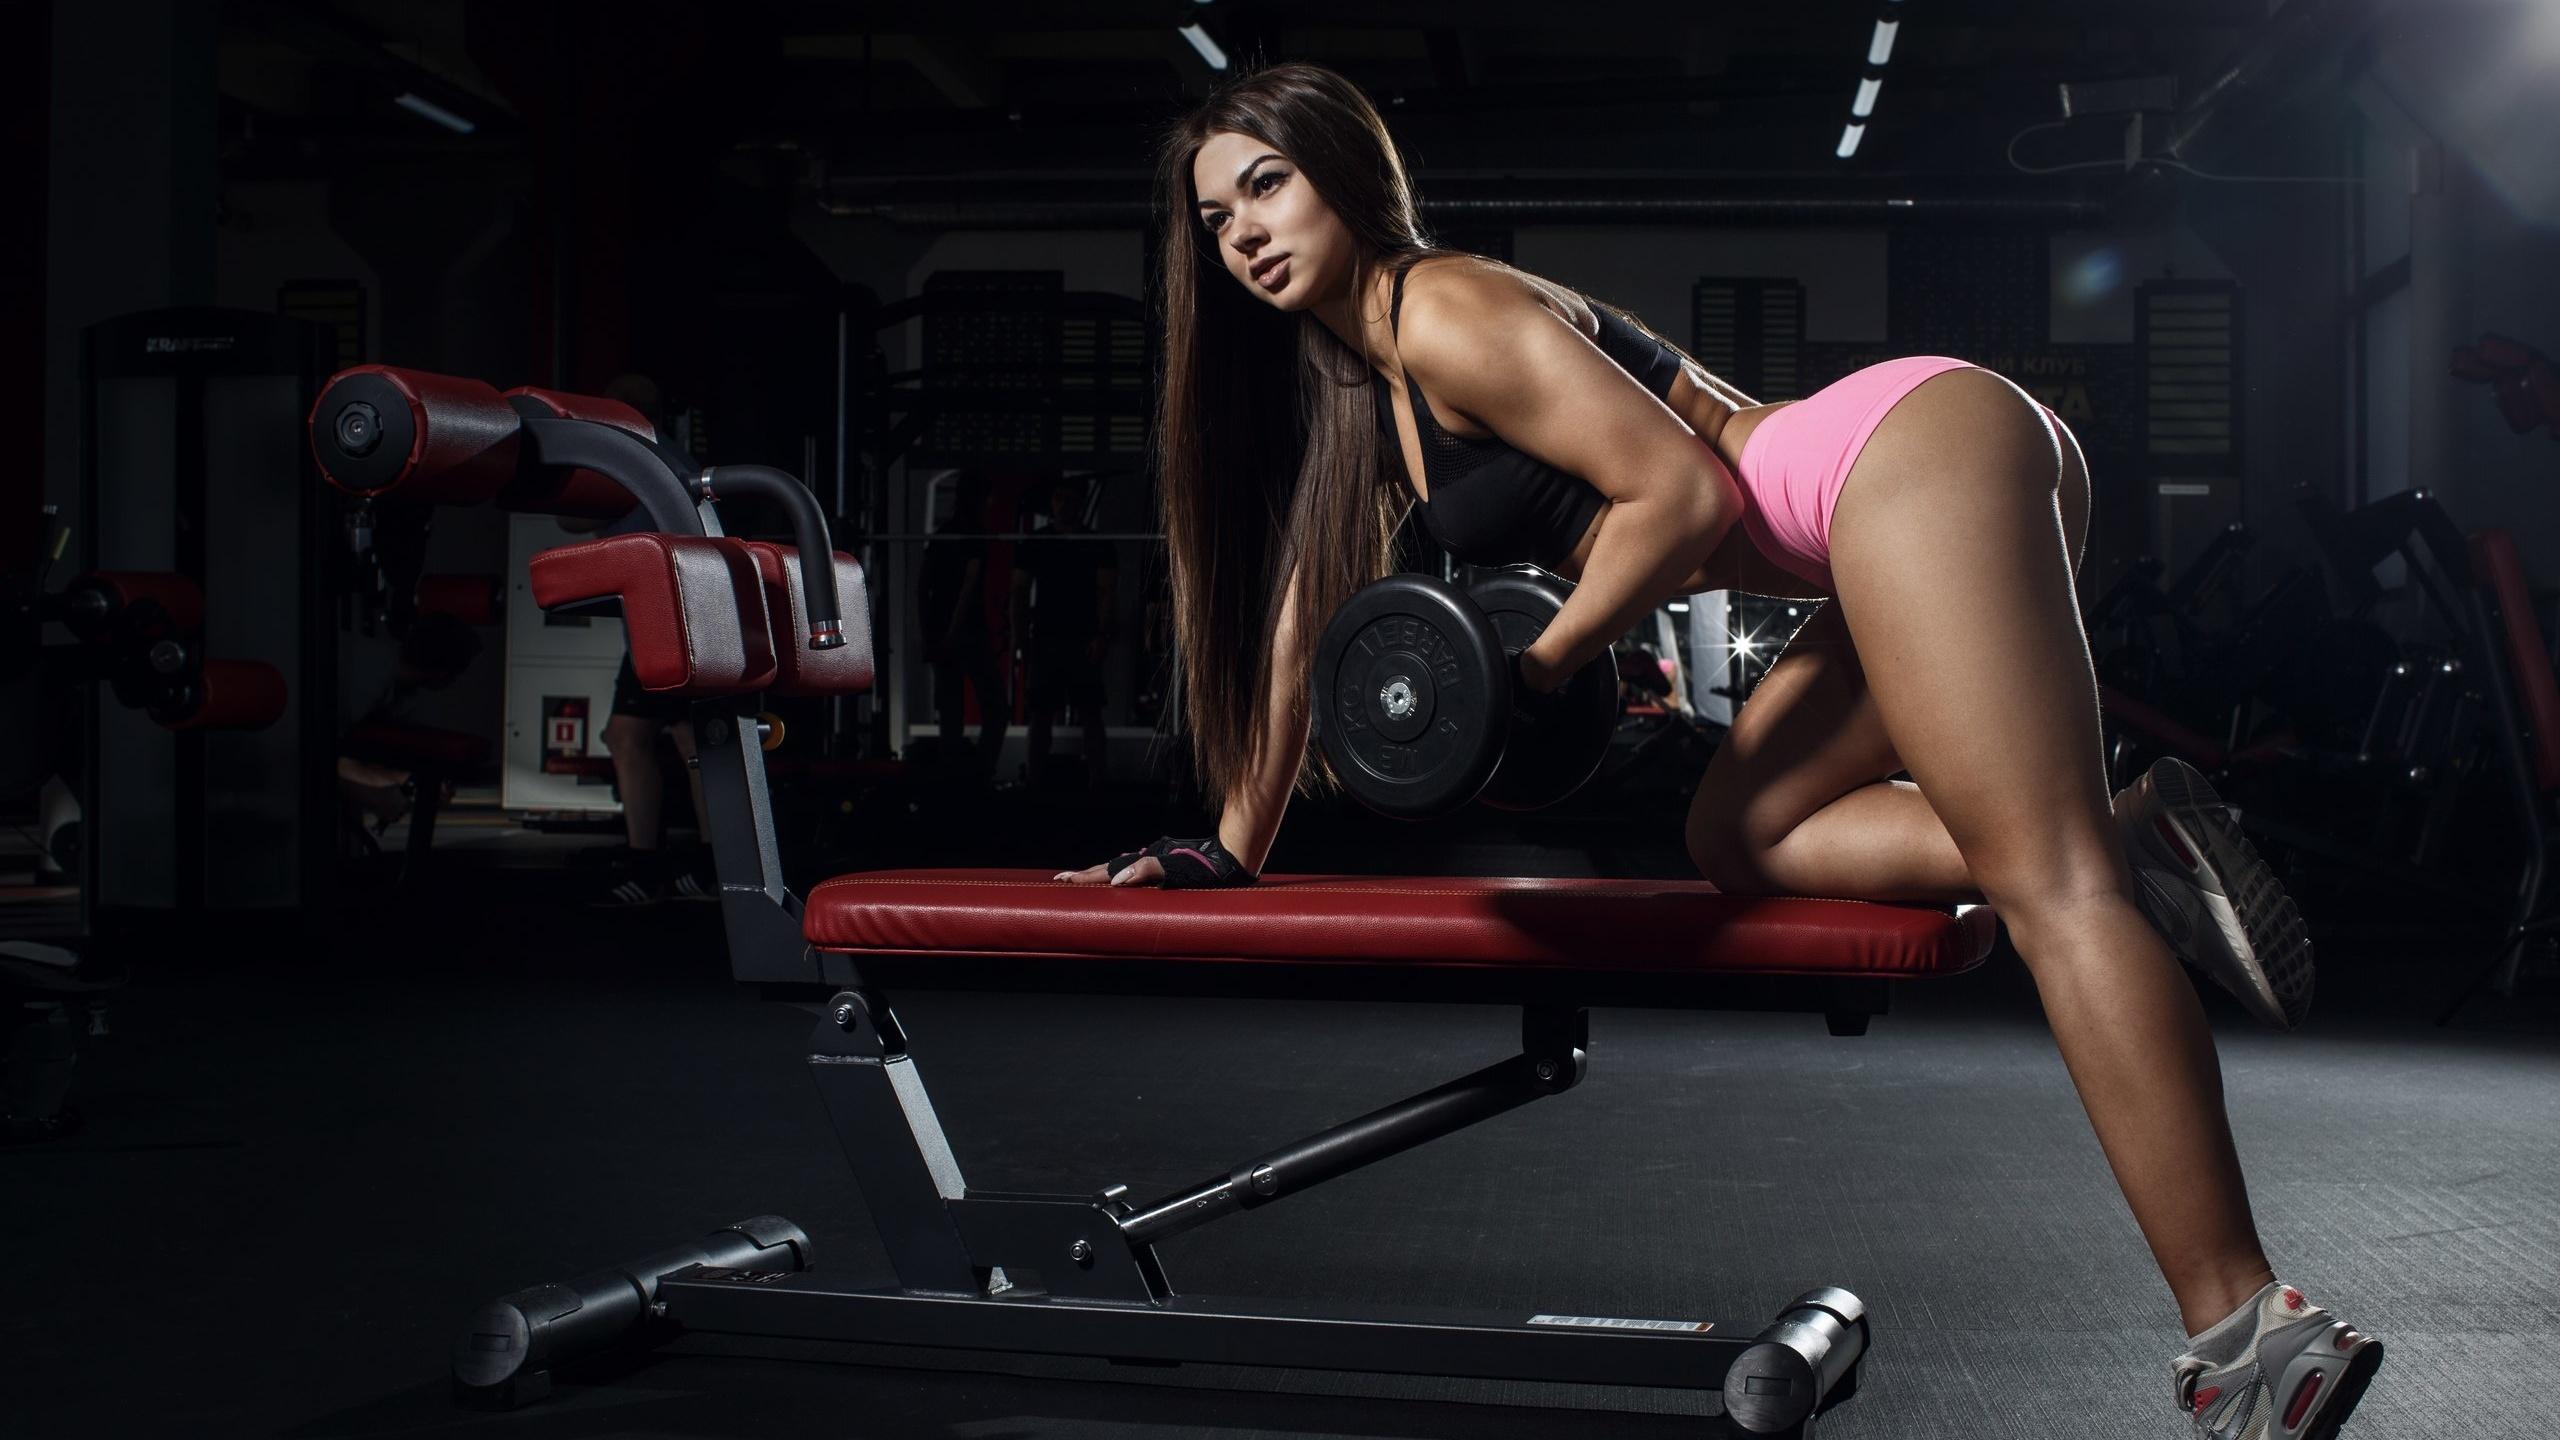 девушки секси в фитнес клубе качалке отличное качество фото доехали автобусе